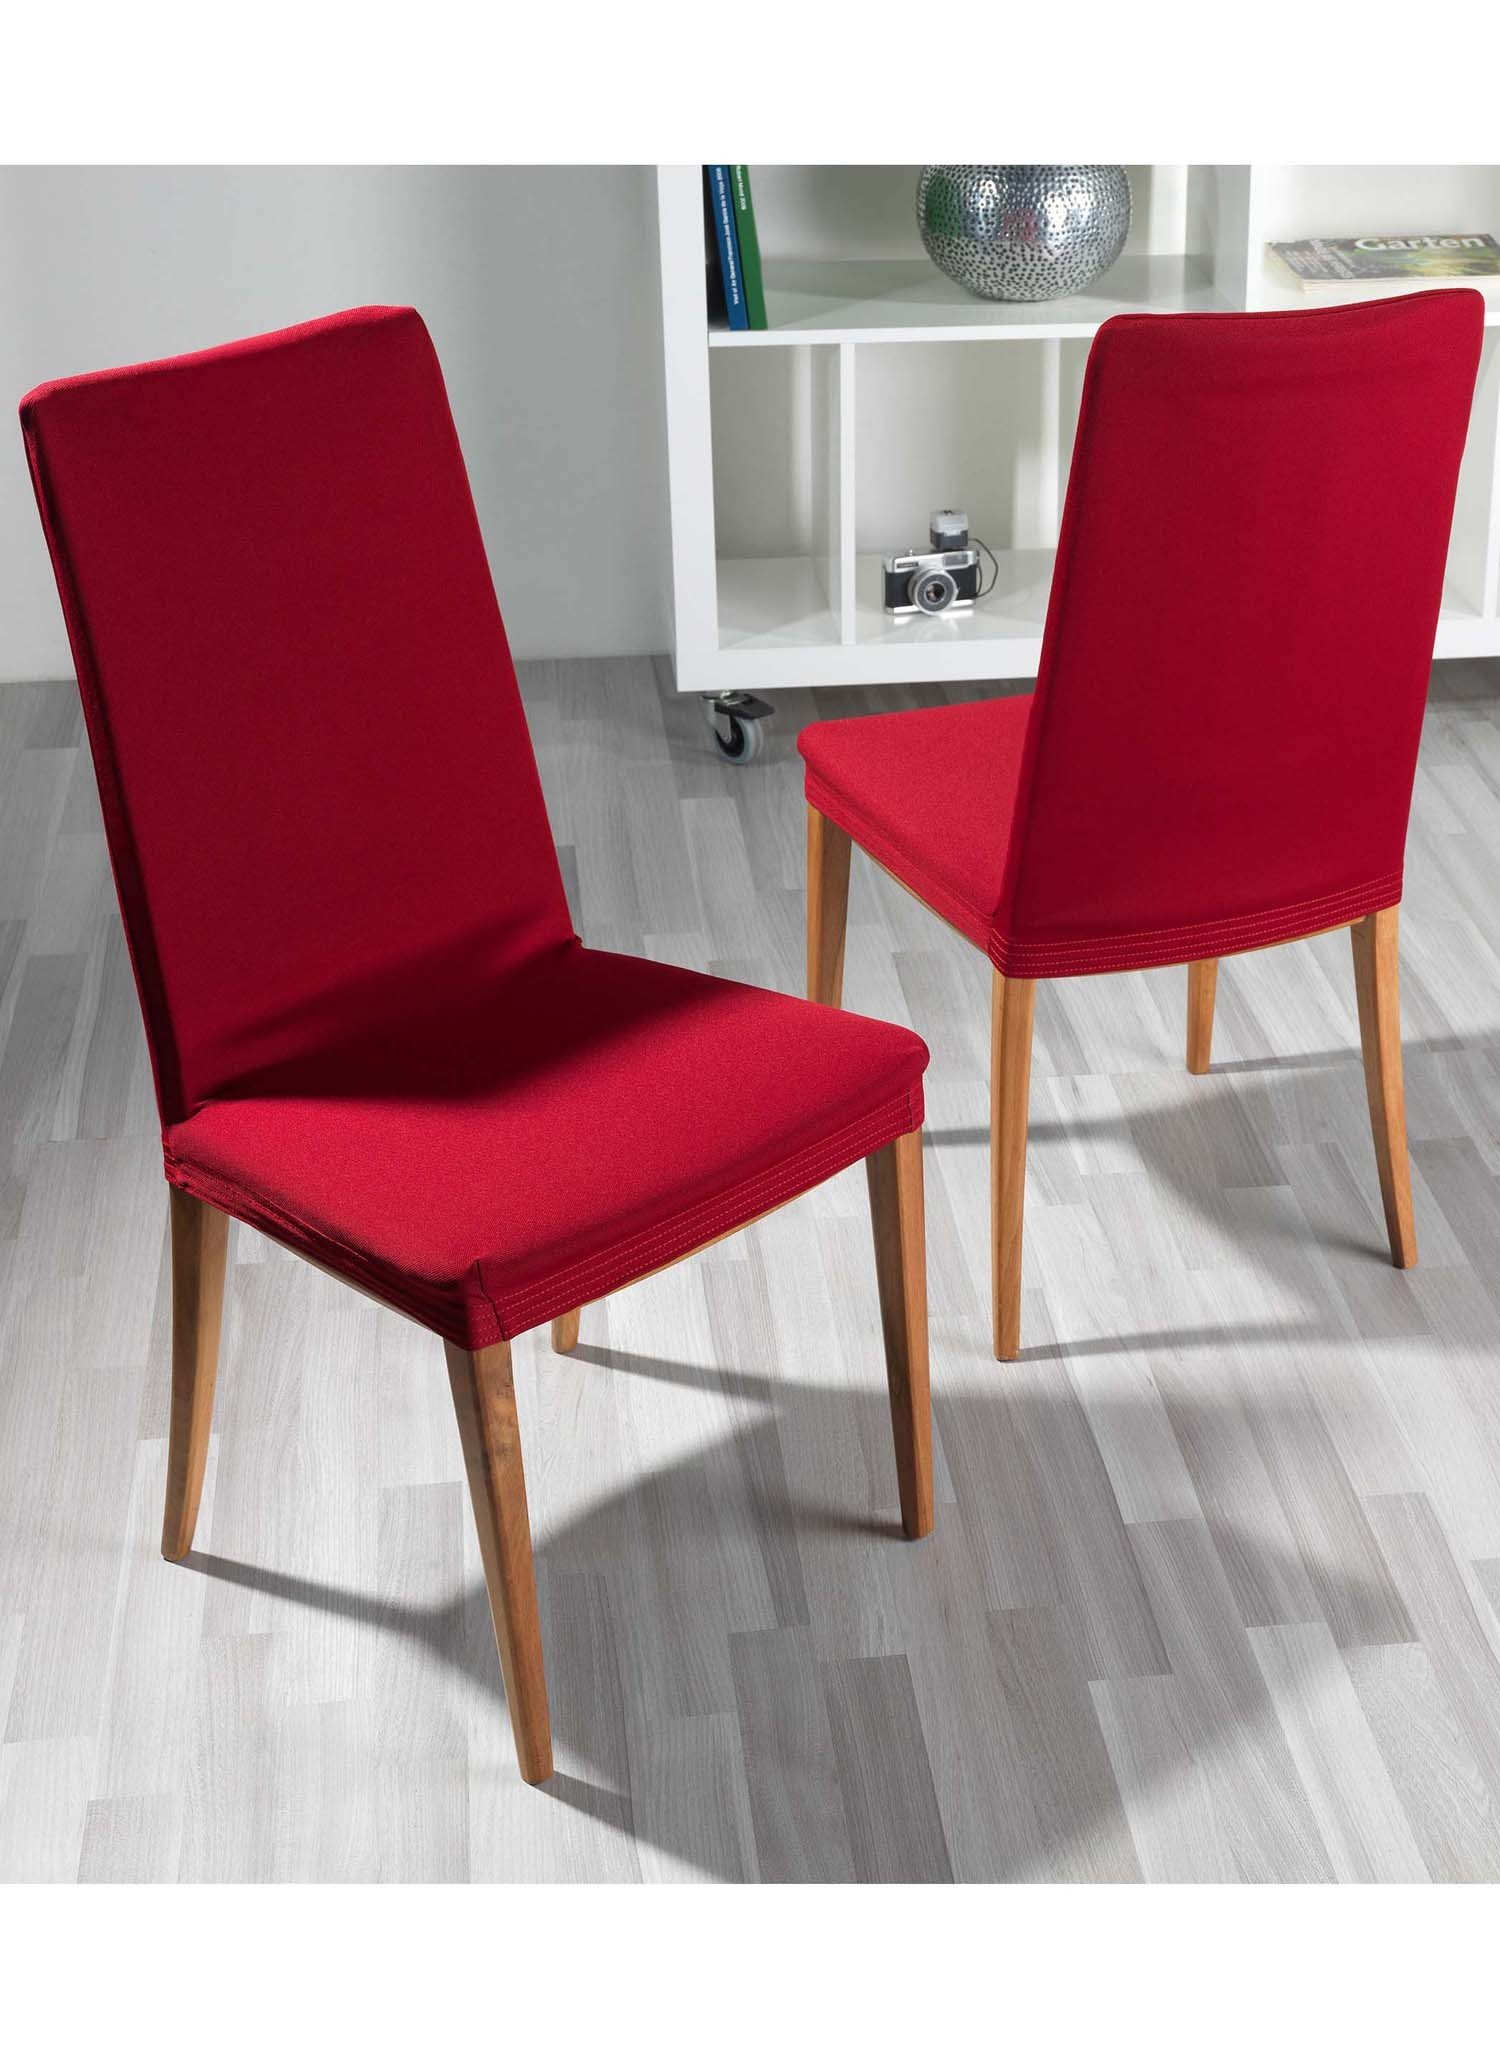 Schonbezug,Stühle bordeaux 2St - 1 - Ronja.ch